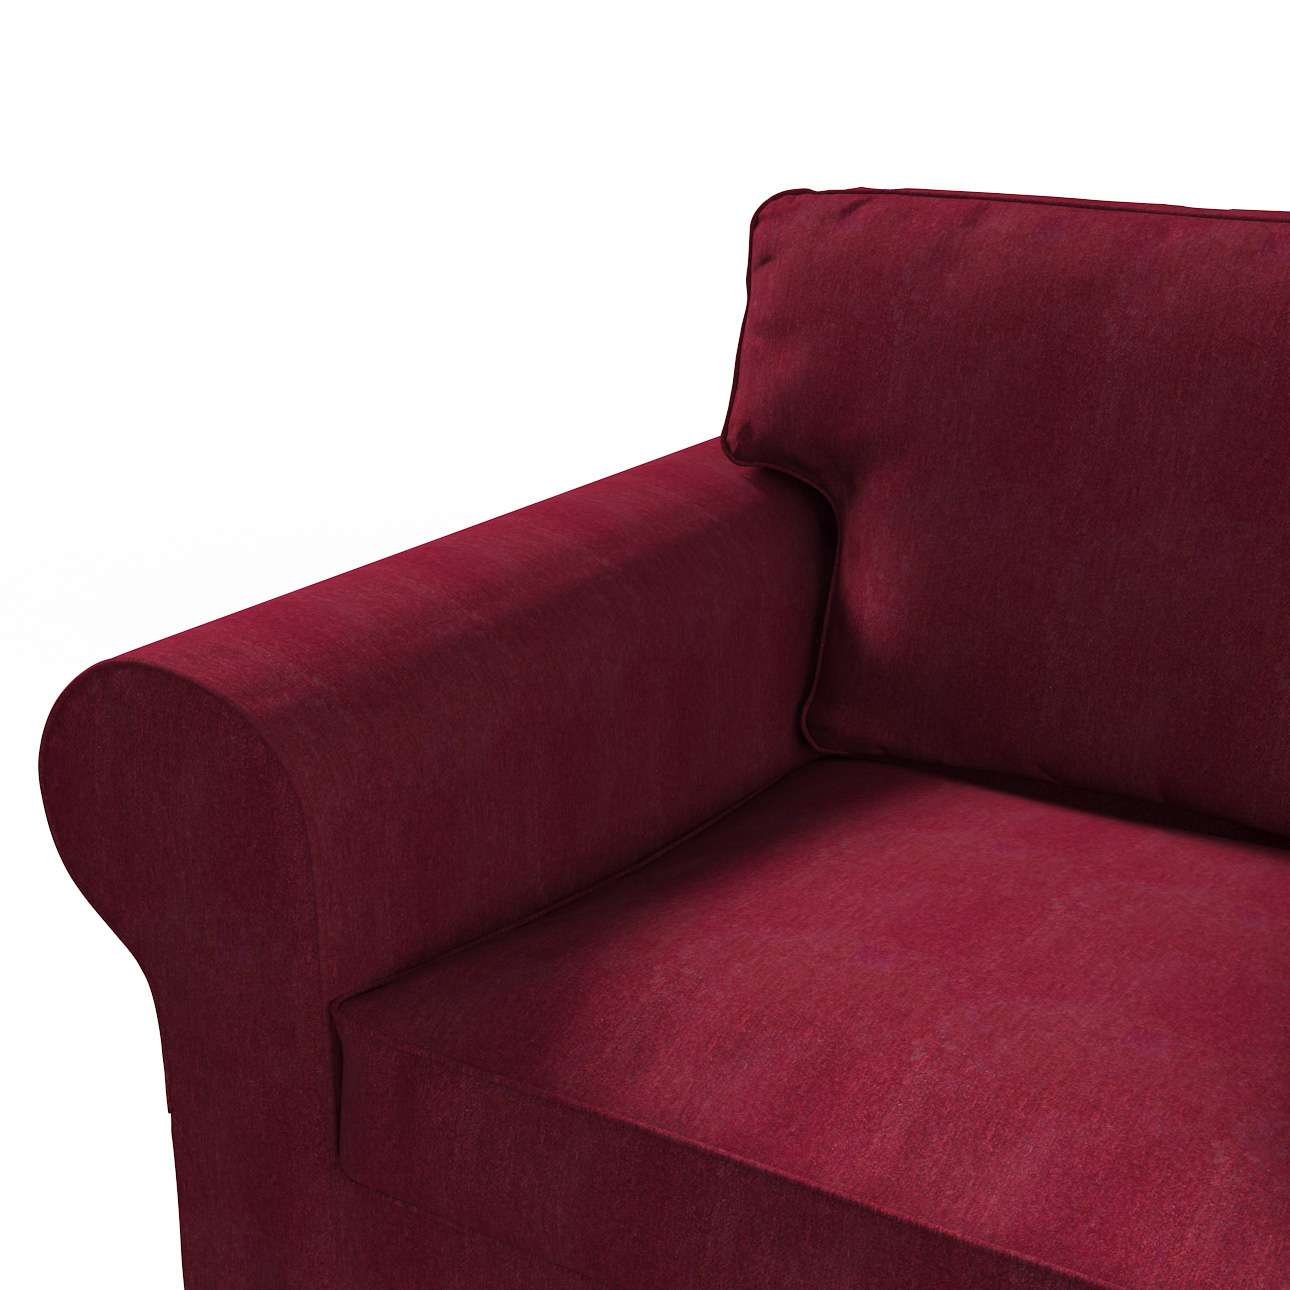 Pokrowiec na sofę Ektorp 2-osobową rozkładaną, model po 2012 w kolekcji Chenille, tkanina: 702-19